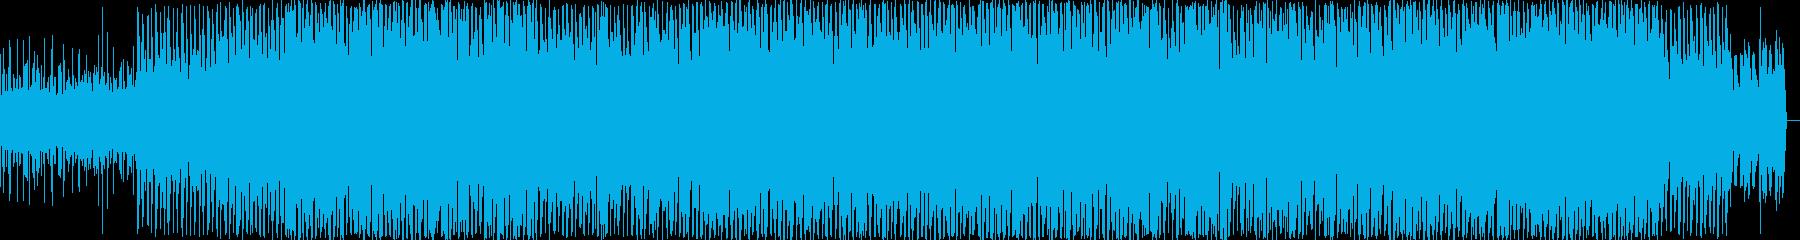 エレクトロ 技術的な ハイテク シ...の再生済みの波形